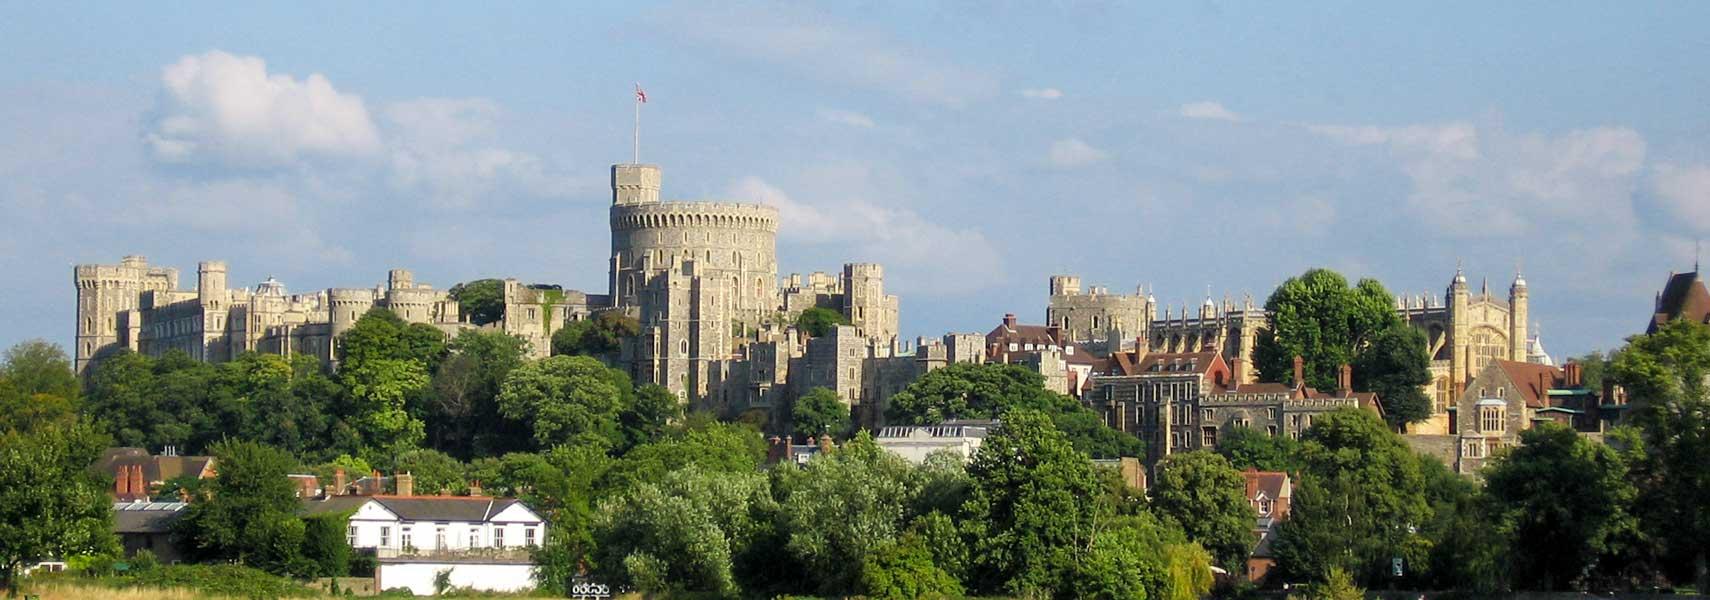 Windsor Castle, Windsor, Berkshire, United Kingdom